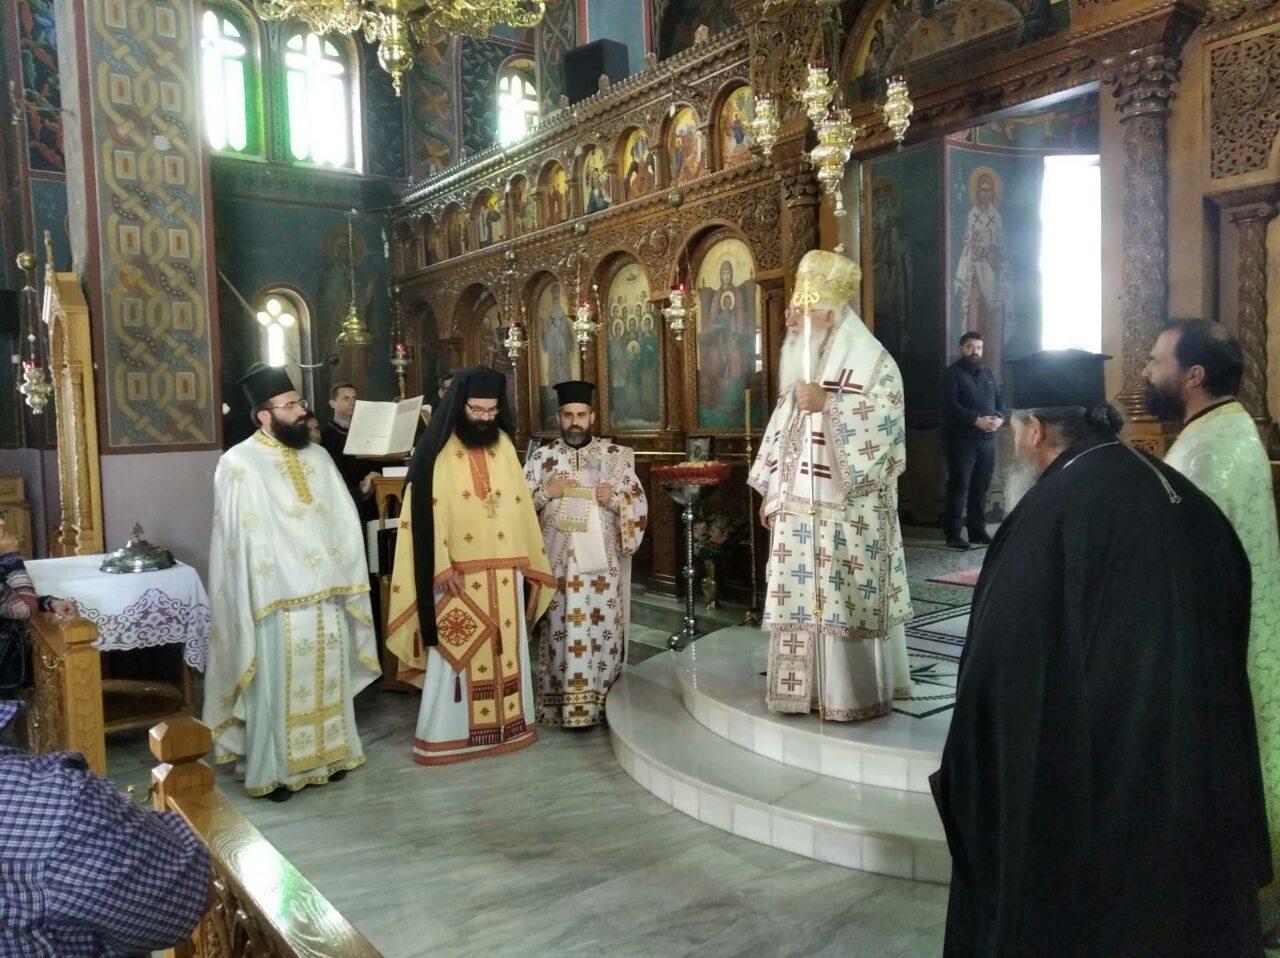 Κυριακή των 318 Αγίων Πατέρων της Α΄ Οικουμενικής Συνόδου στον Ιερό Ναό Παμμεγίστων Ταξιαρχών Σχηματαρίου